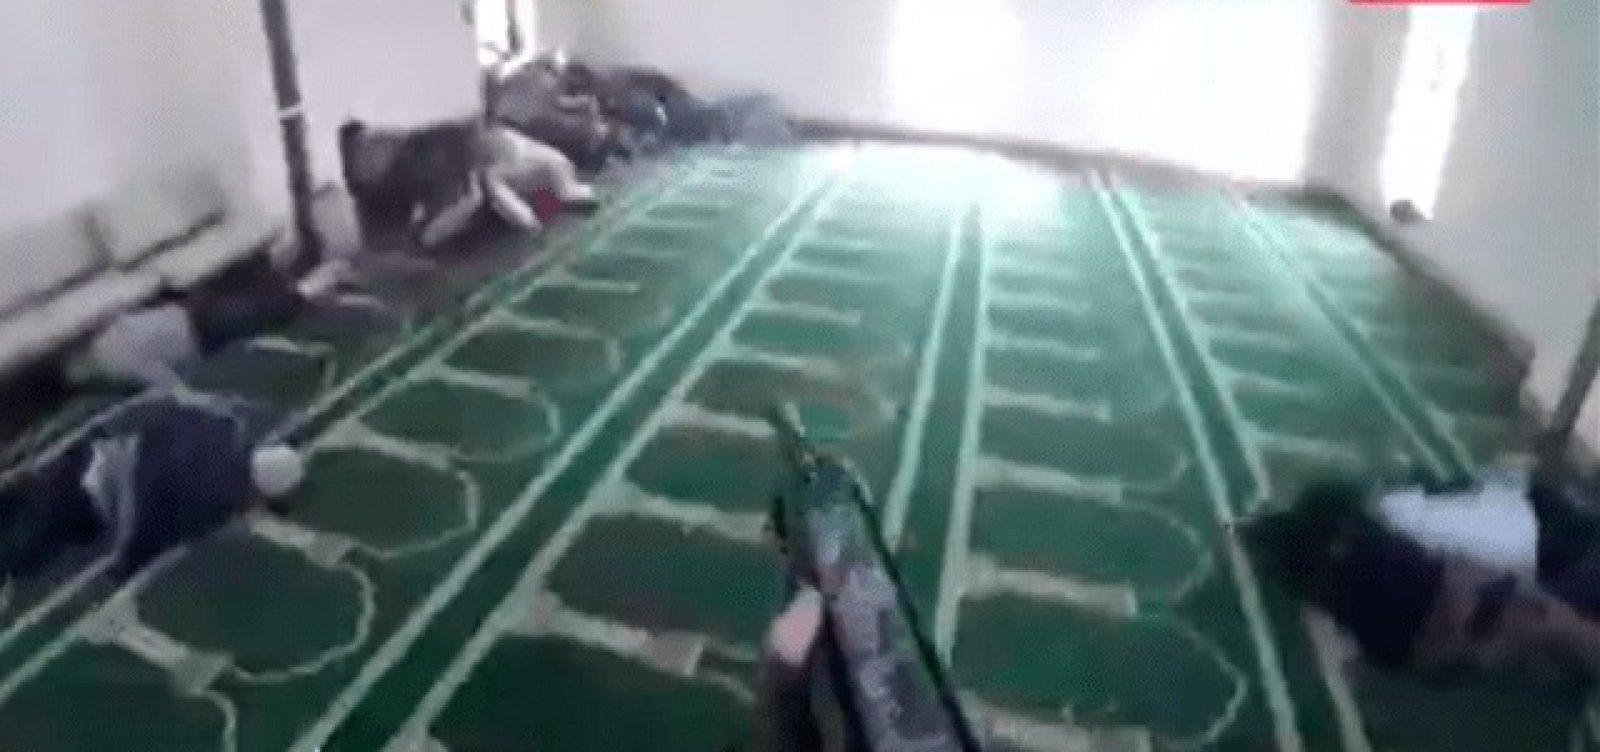 [Ataque em mesquita deixa 49 mortos na Nova Zelândia]